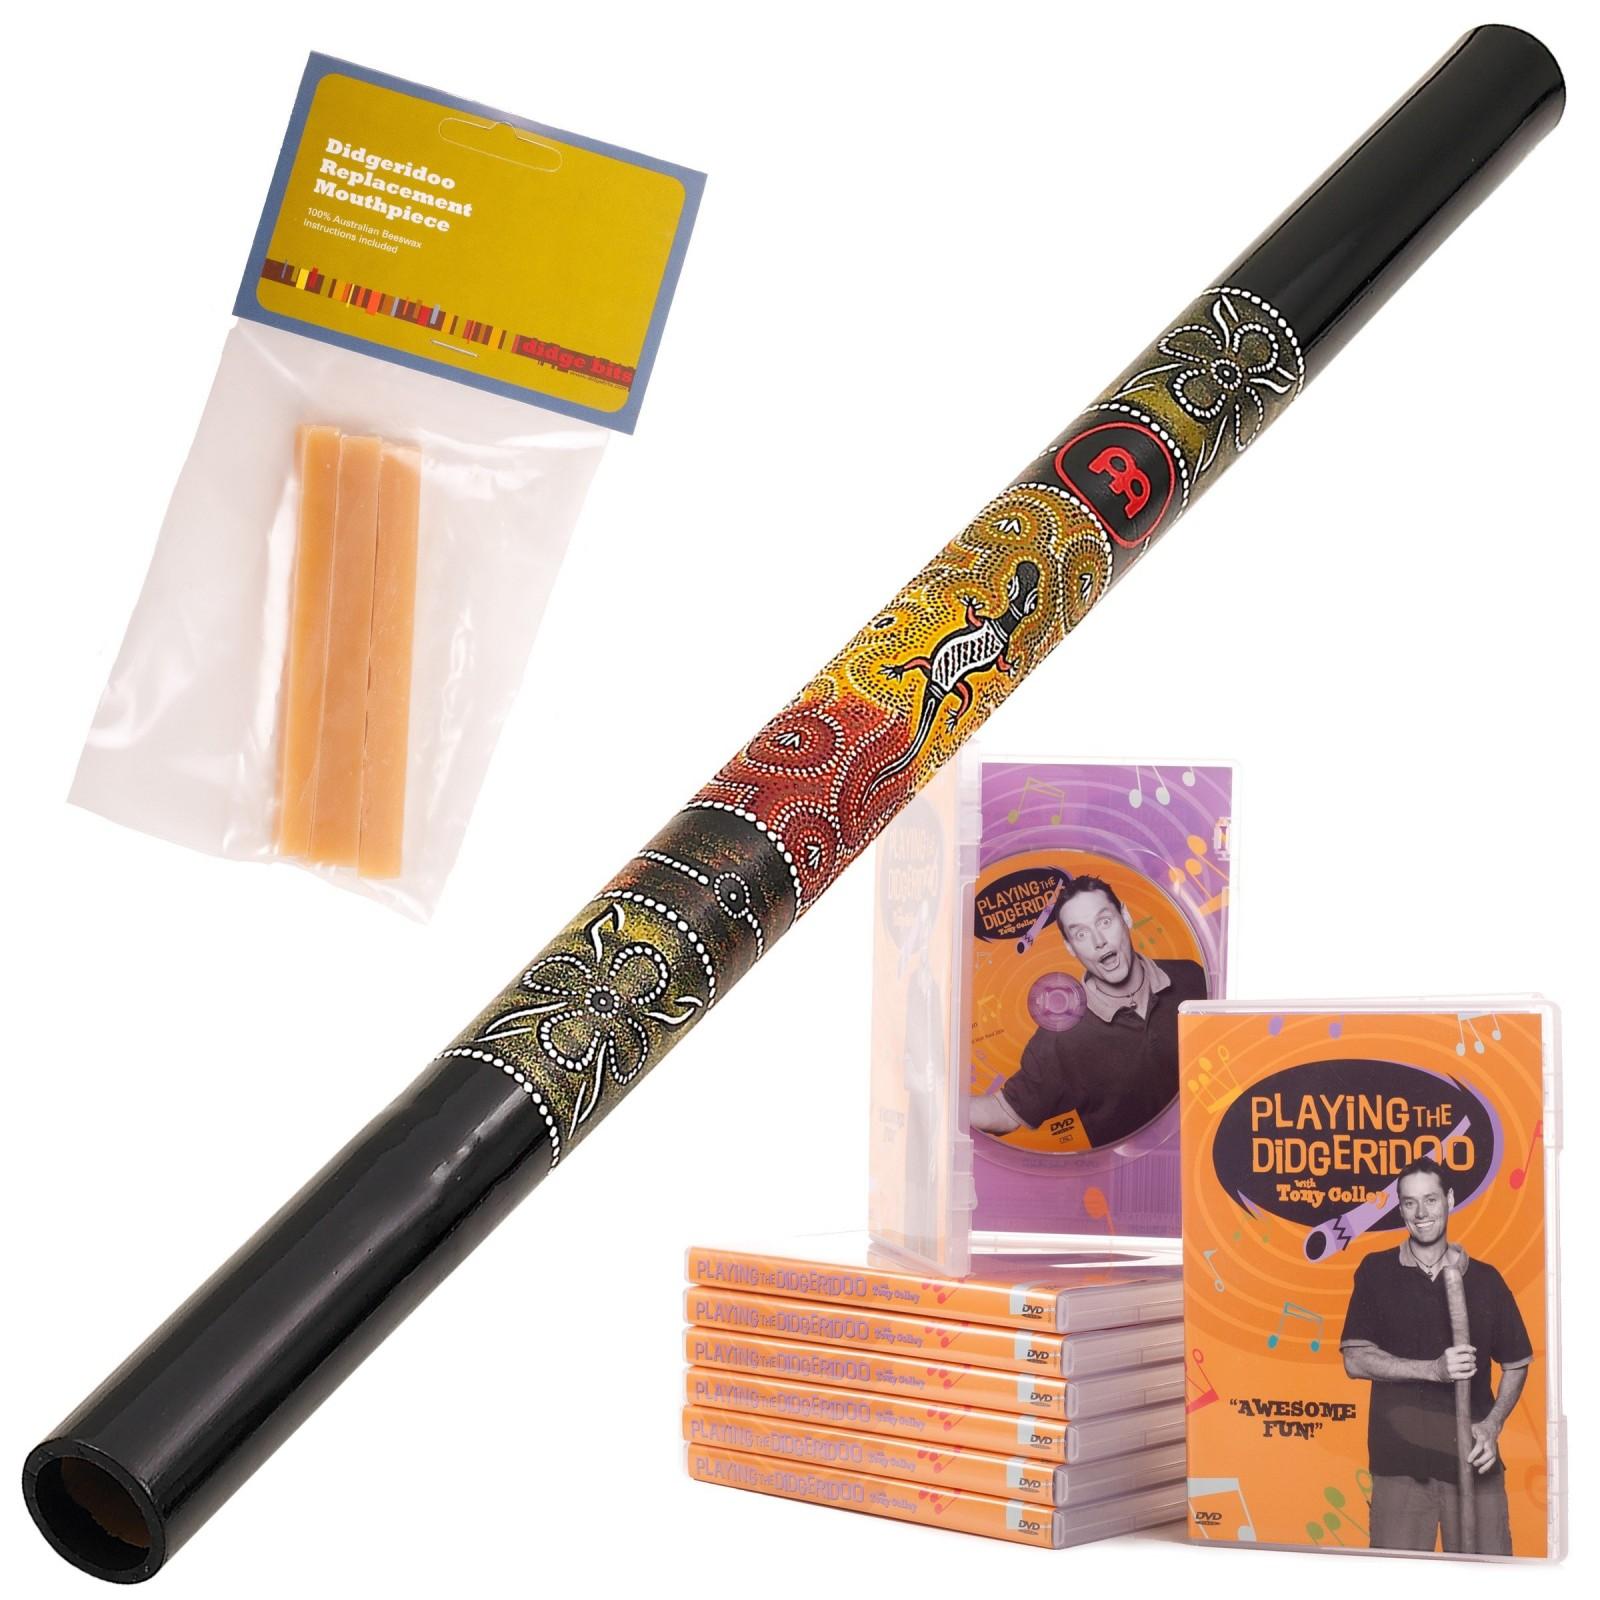 StartPaket A Didgeridu DDG1-BK + DVD + Wax